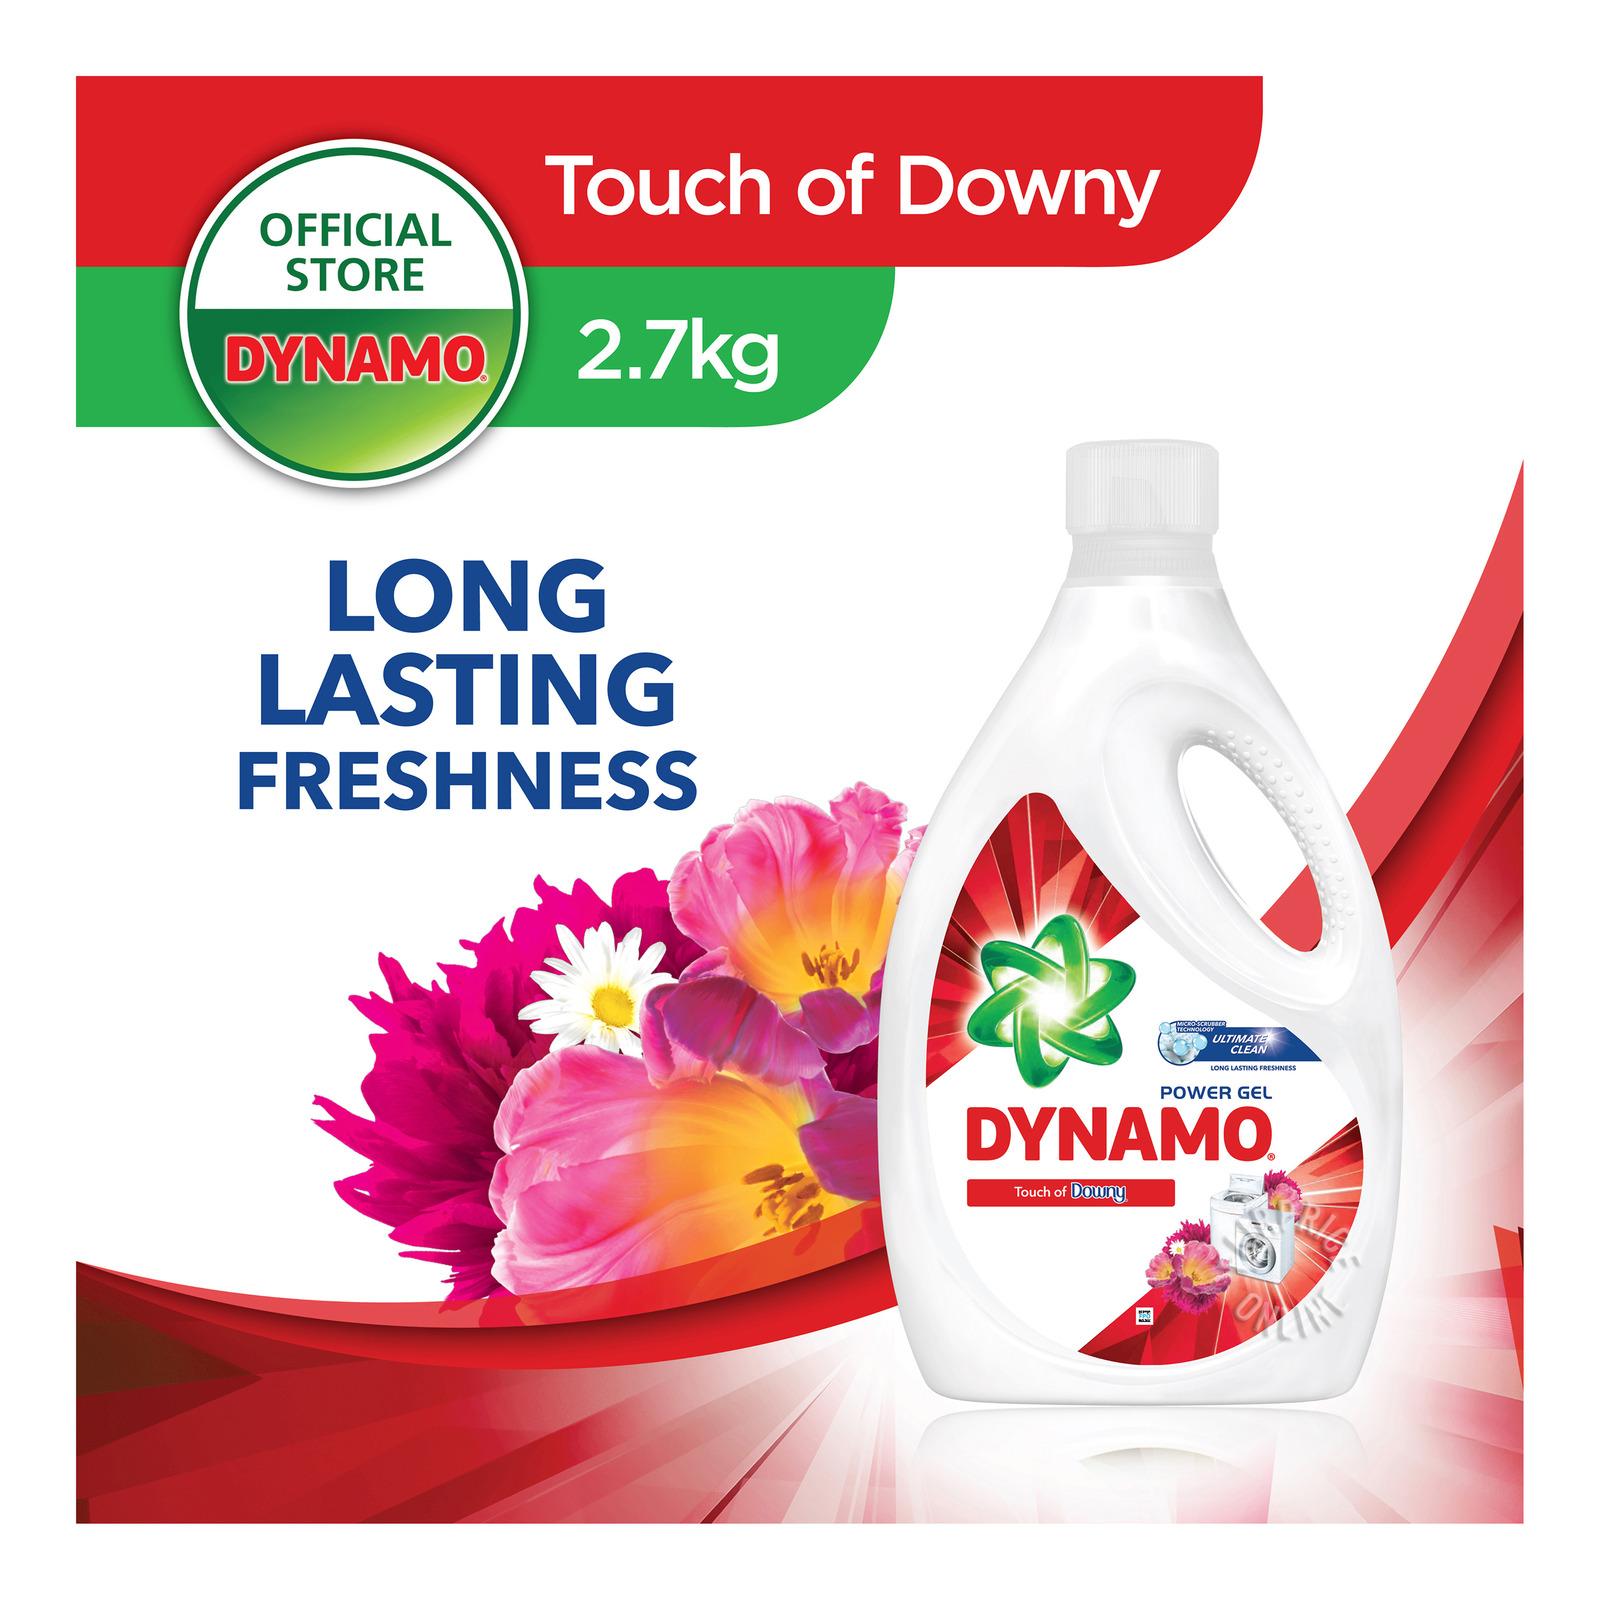 Dynamo Power Gel Laundry Detergent - Downy